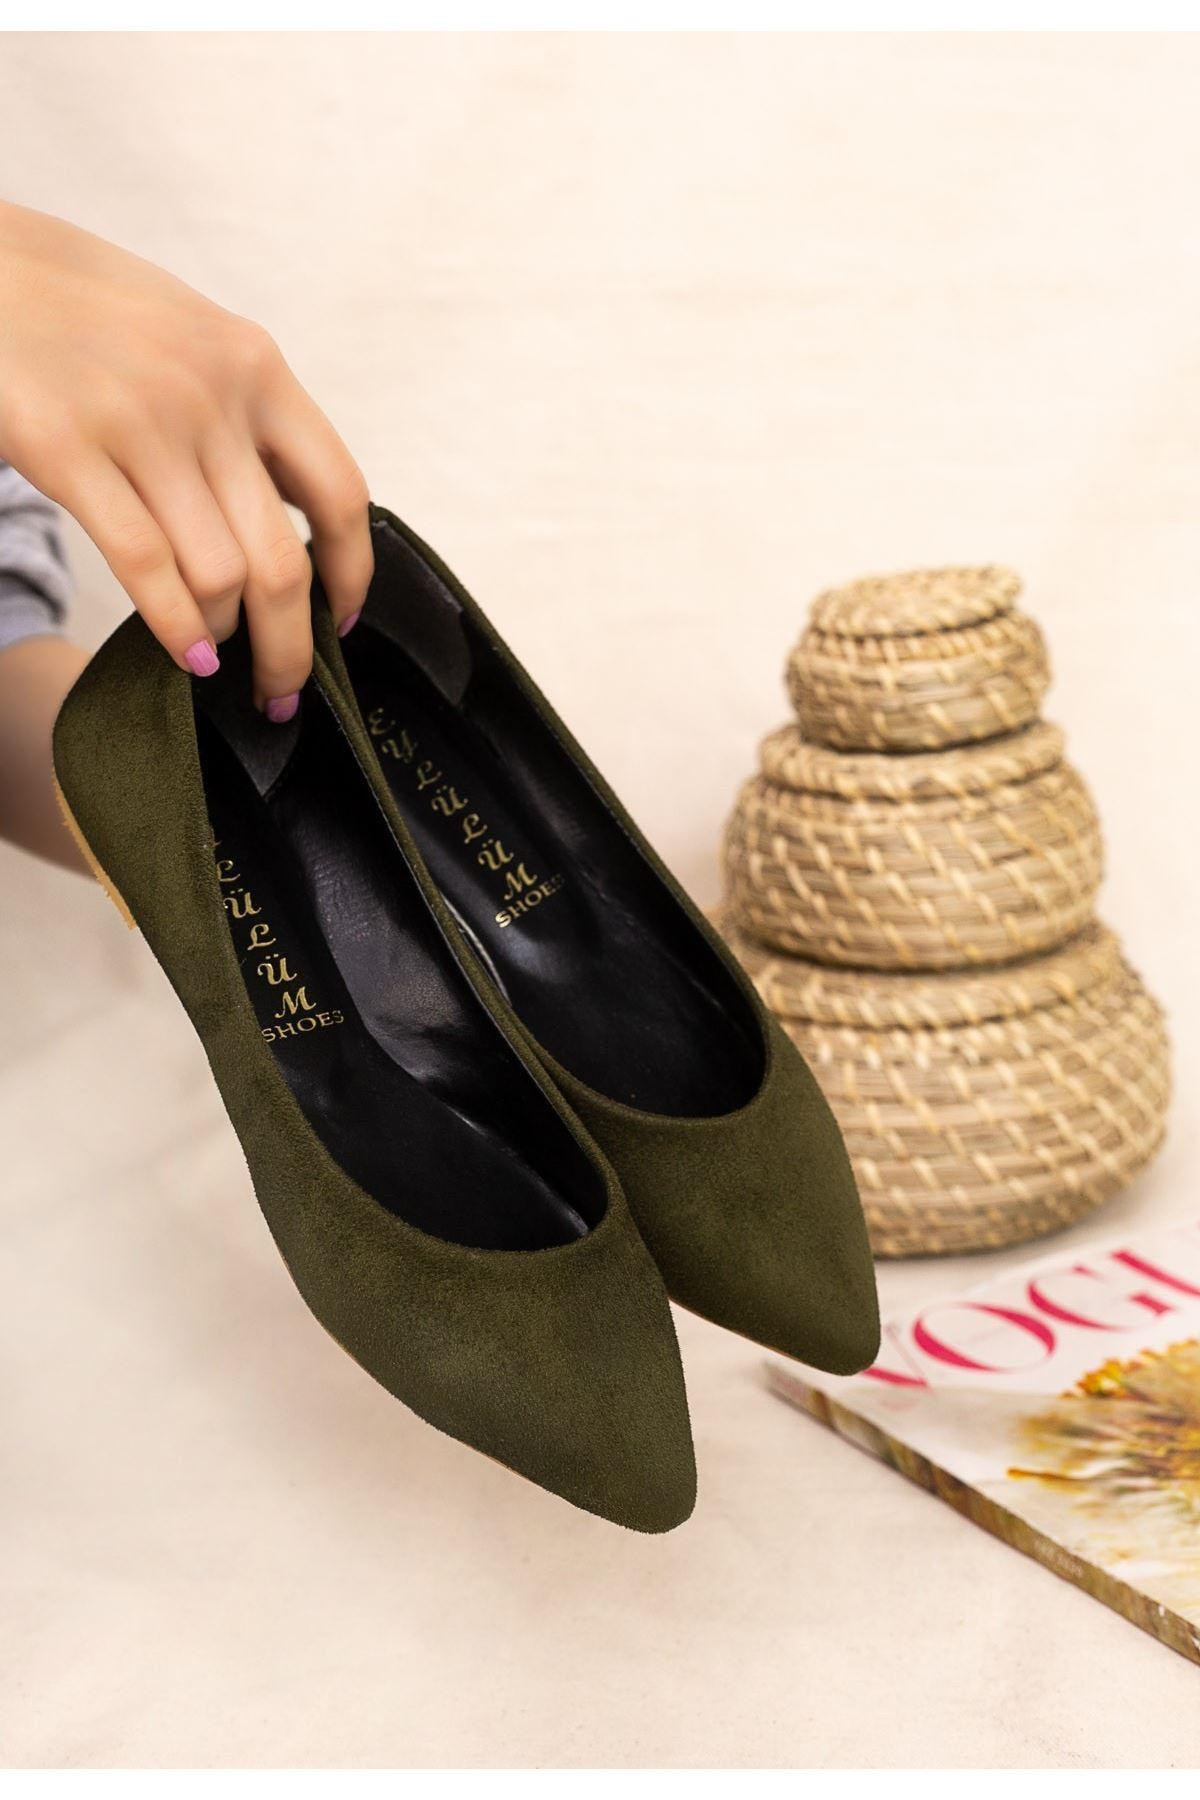 Vidi Haki Yeşil Süet Babet Ayakkabı